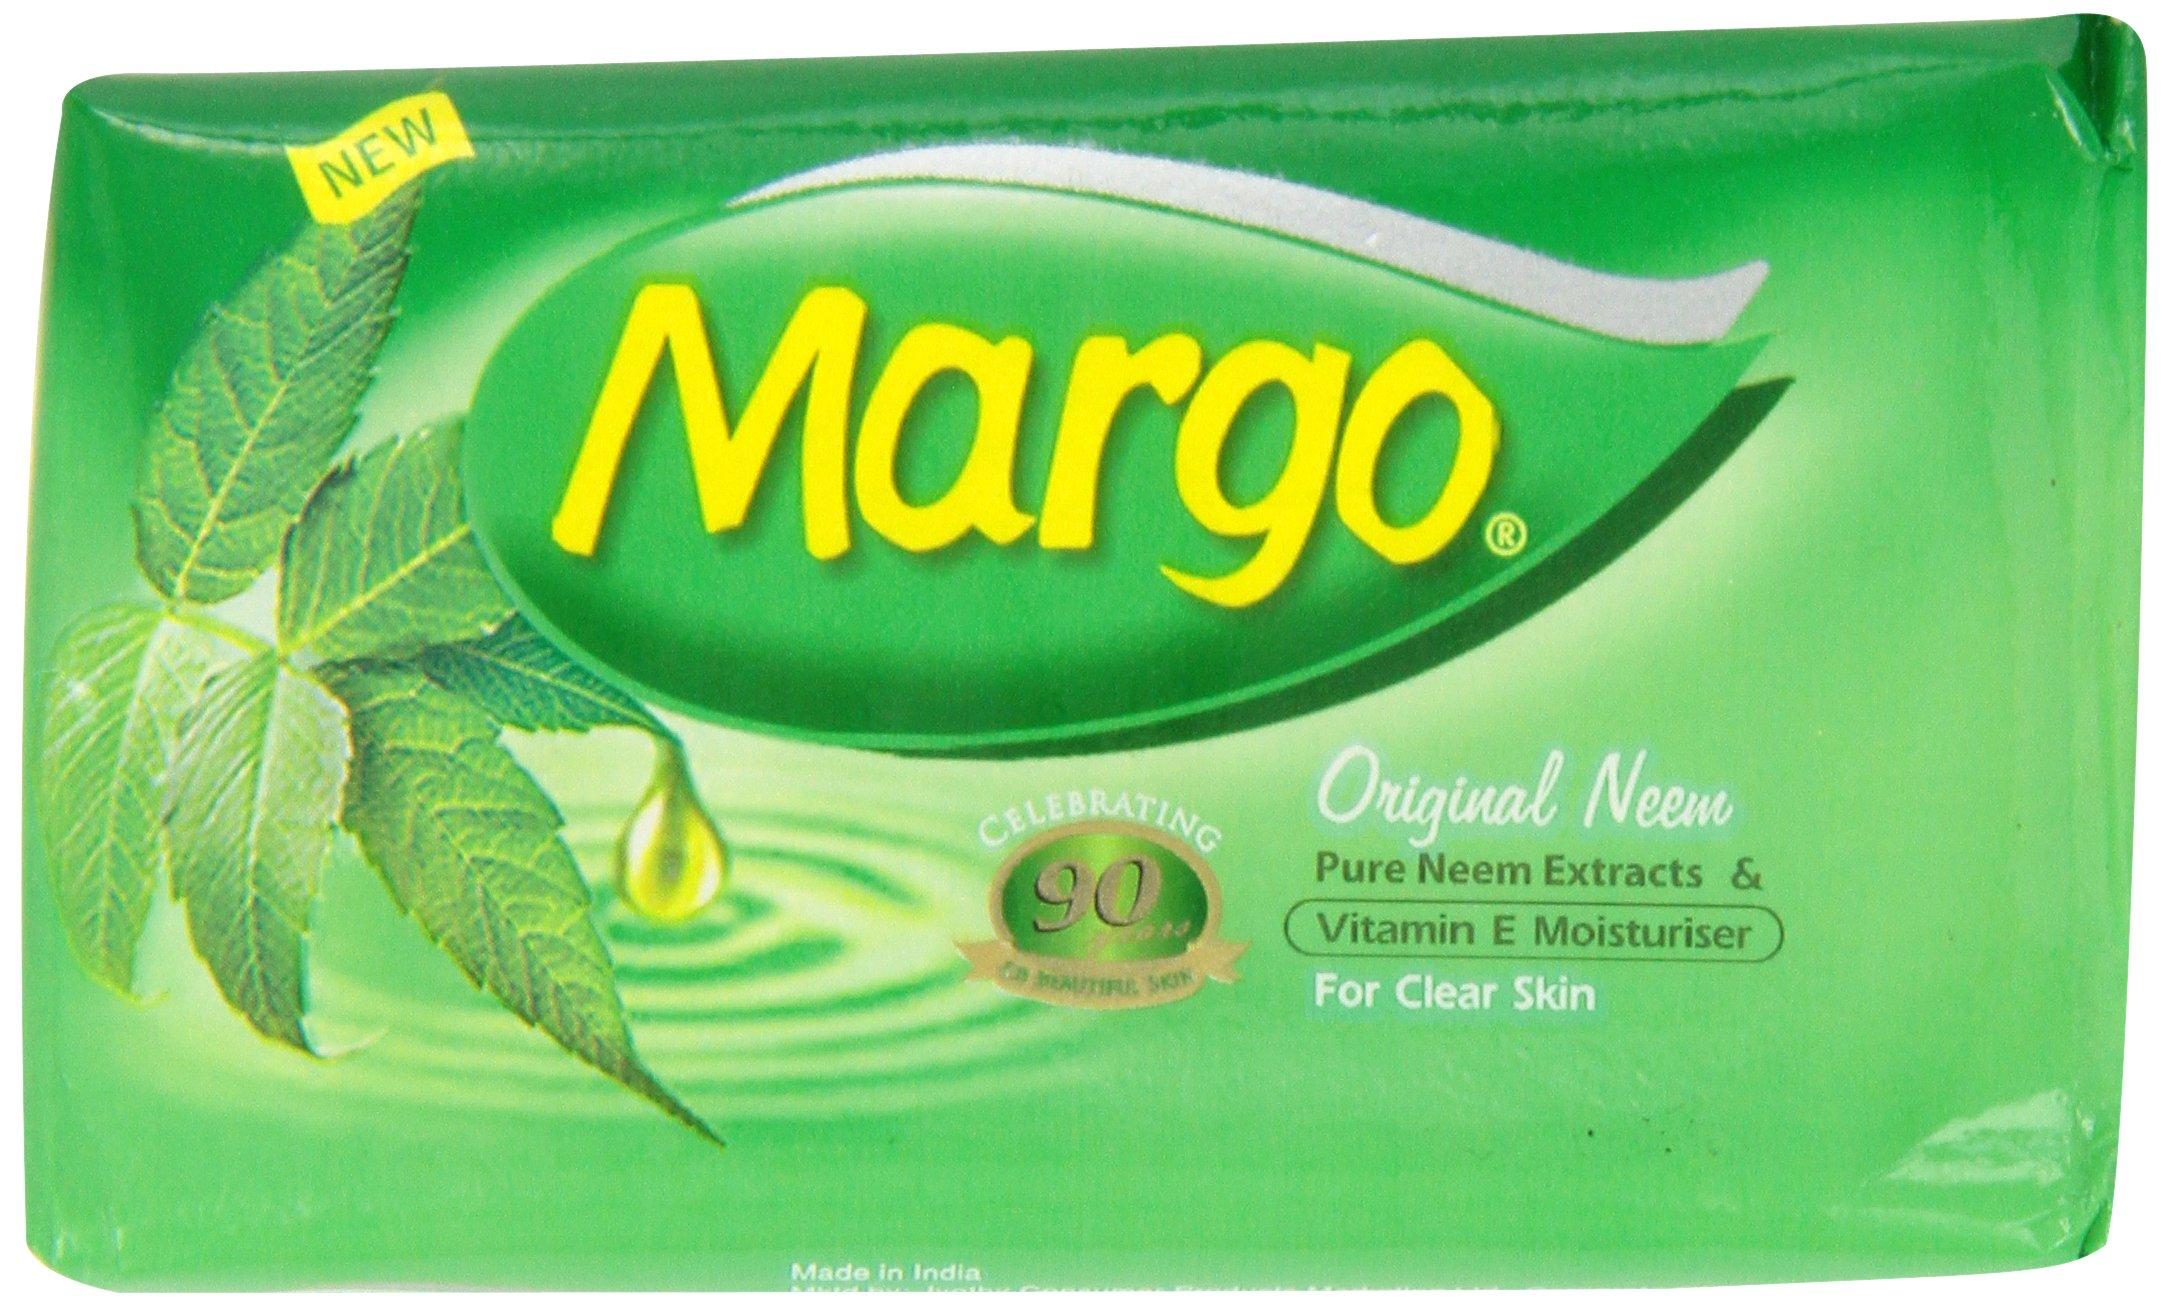 Margo Neem Soap, 75 Gram (Pack of 12)